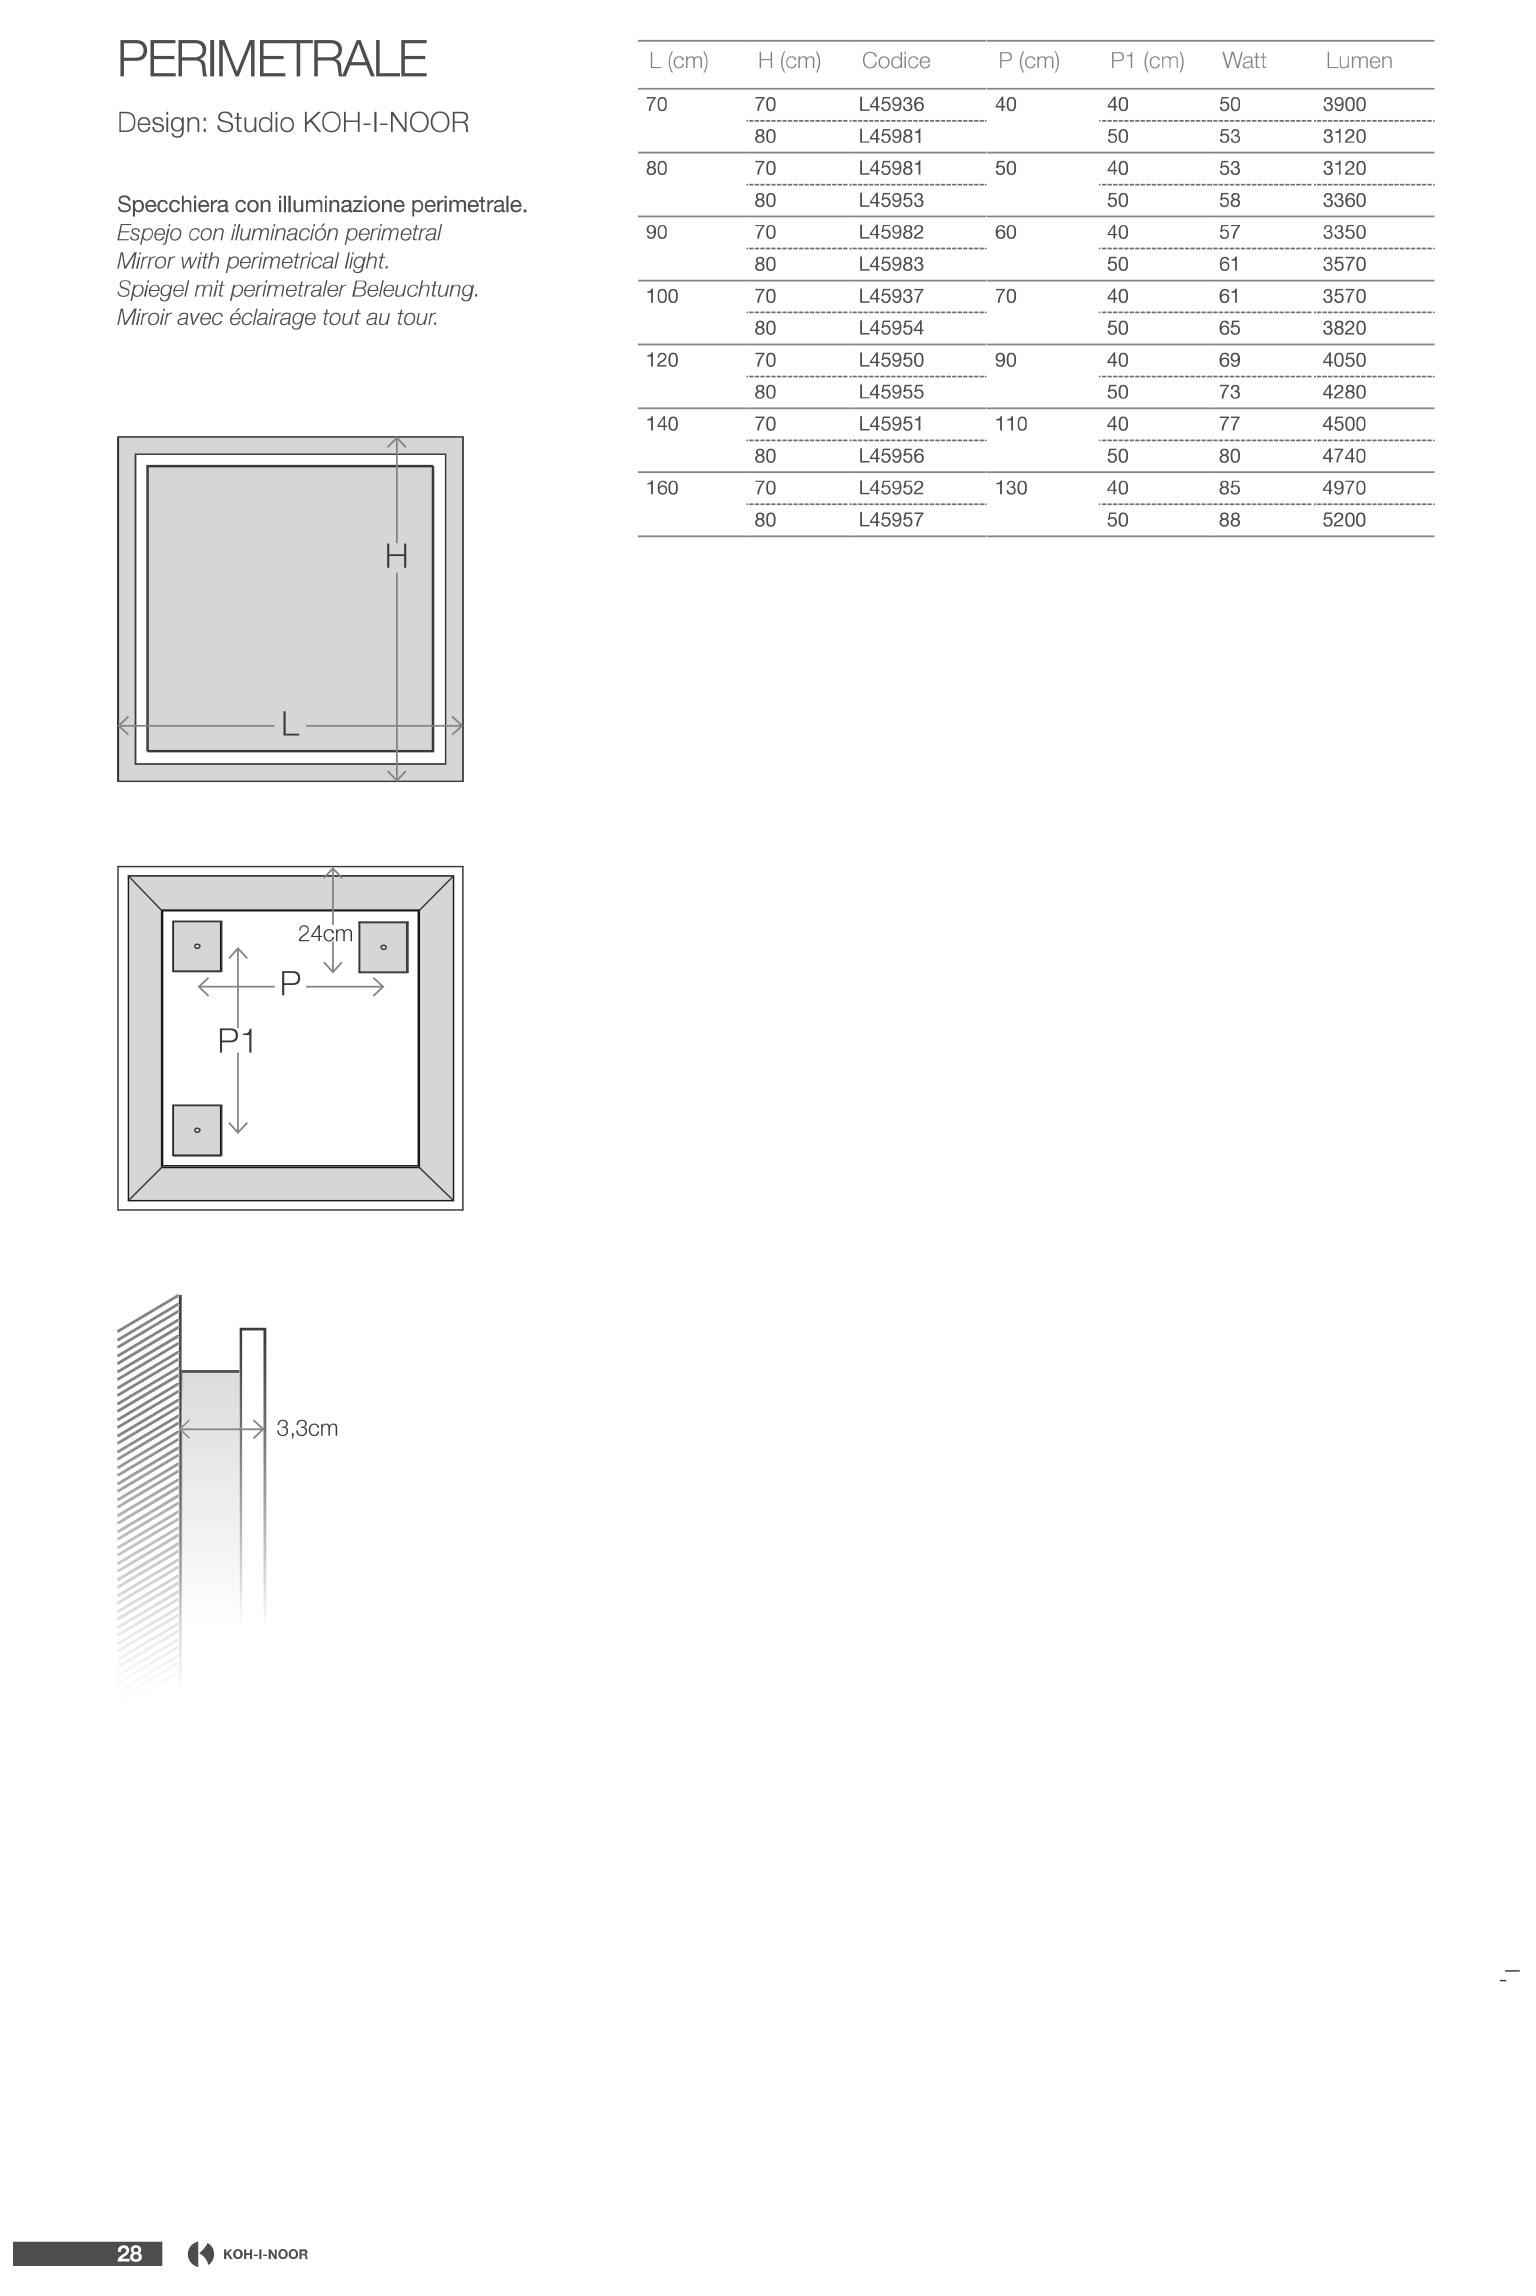 prodotto-perimetrale-ambiente-led